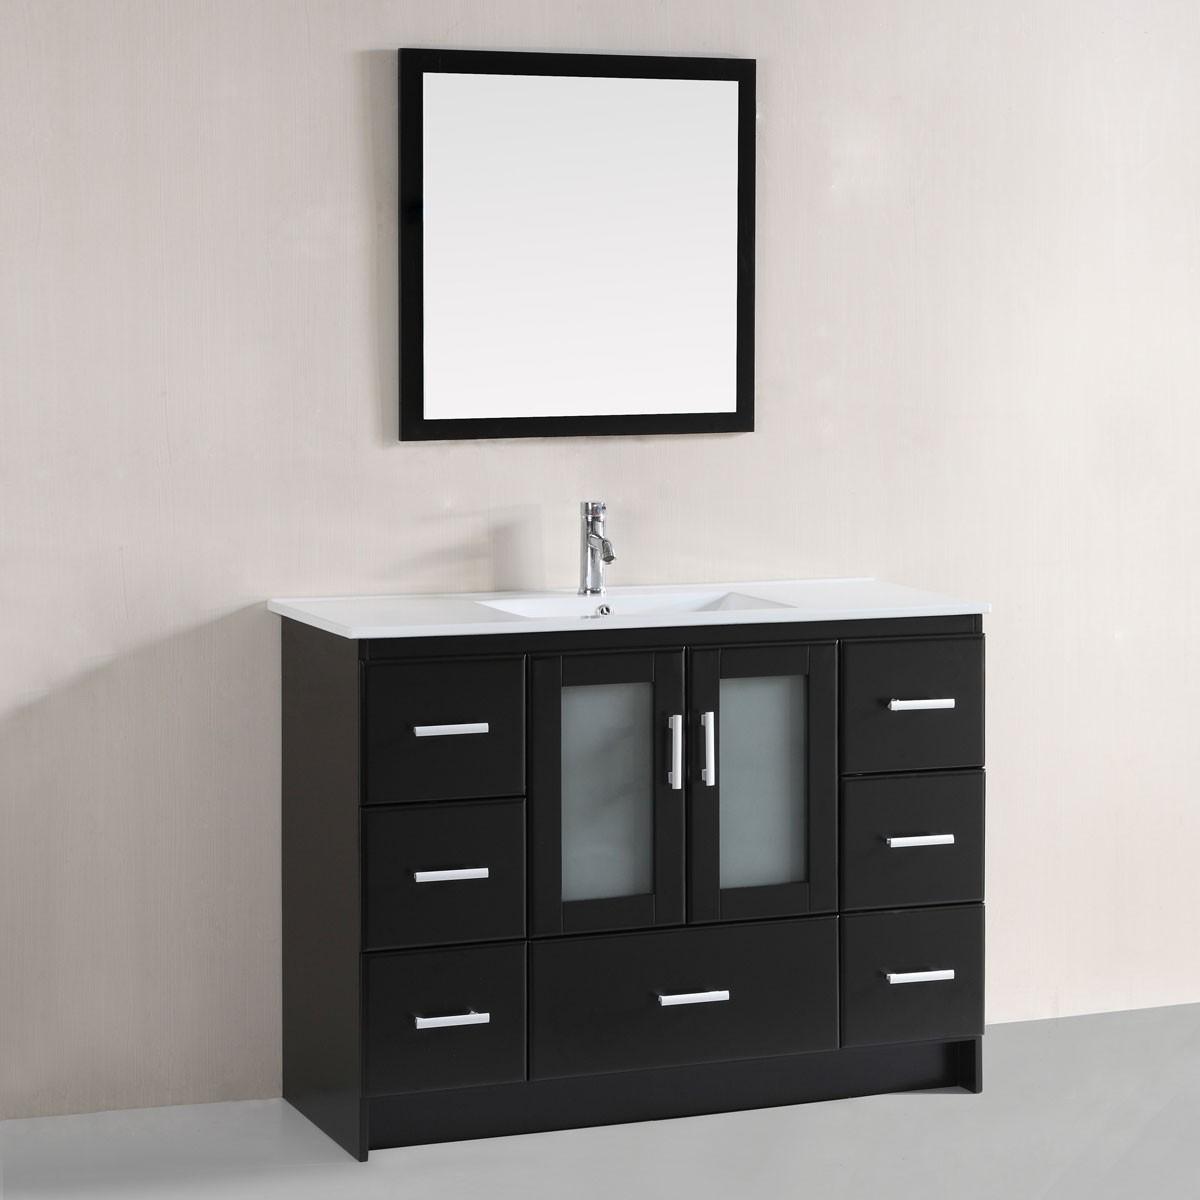 48 In. Bathroom Vanity Set (DK-T9137F-SET)